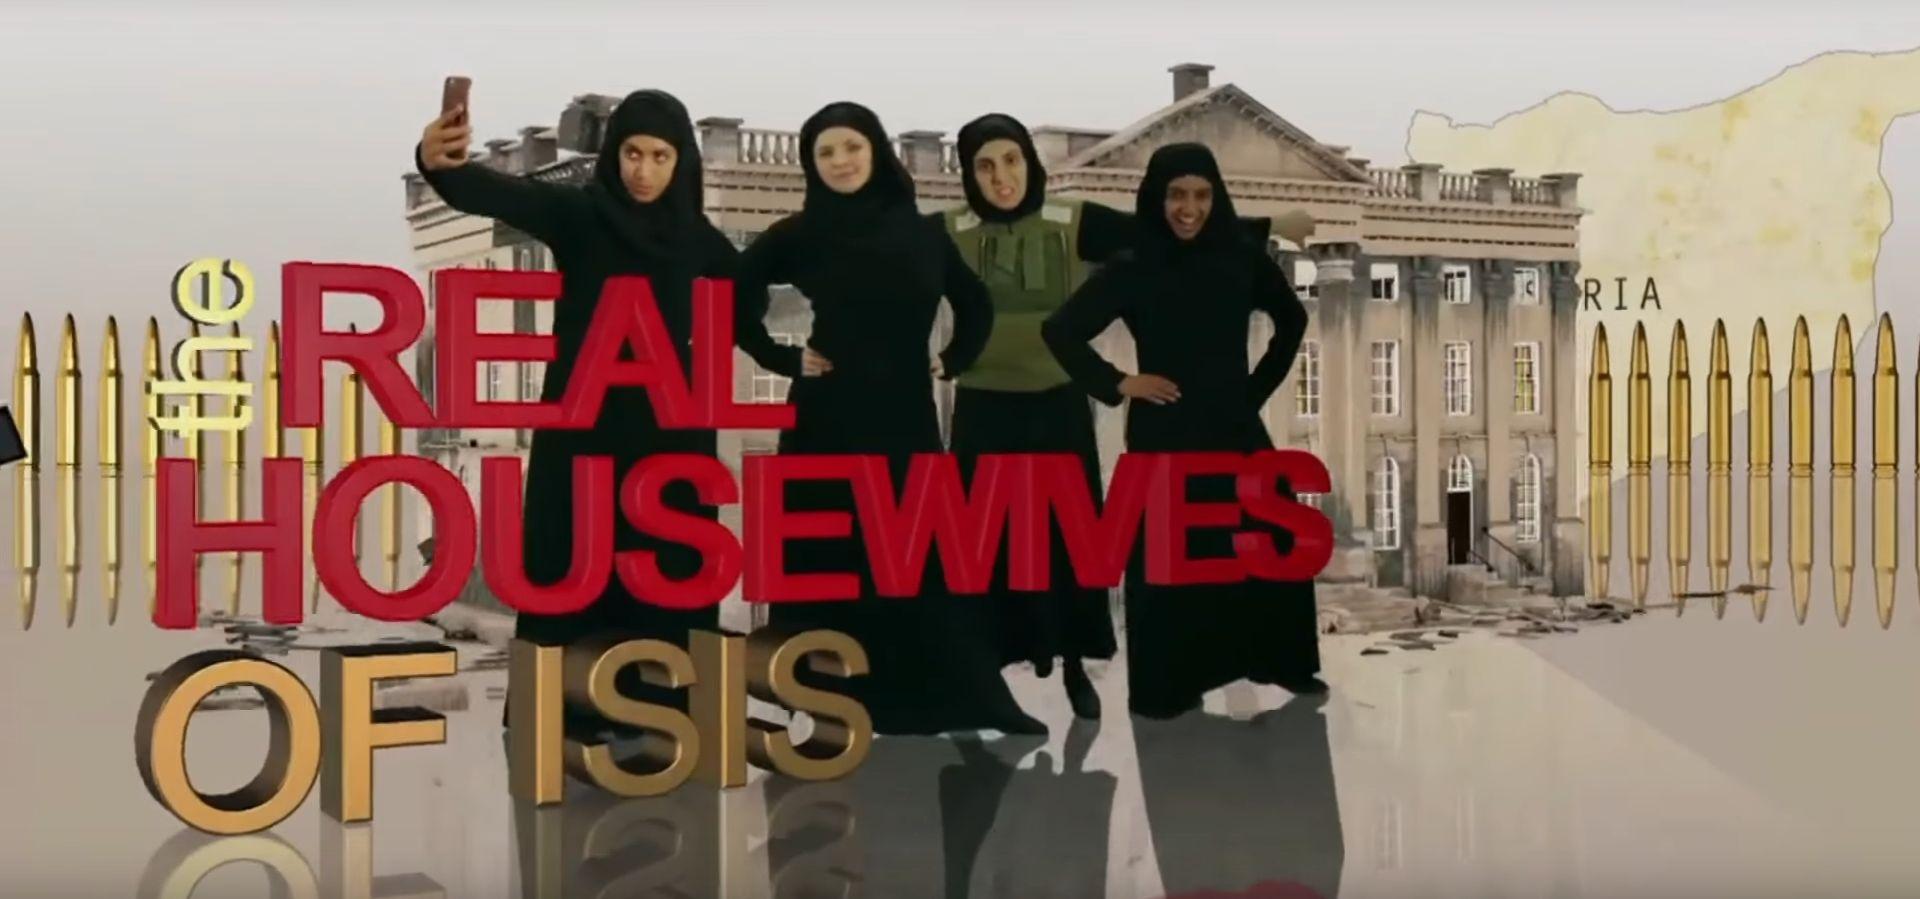 VIDEO: Satira BBC-a o kućanicama IS-a izazvala pohvale i bijes